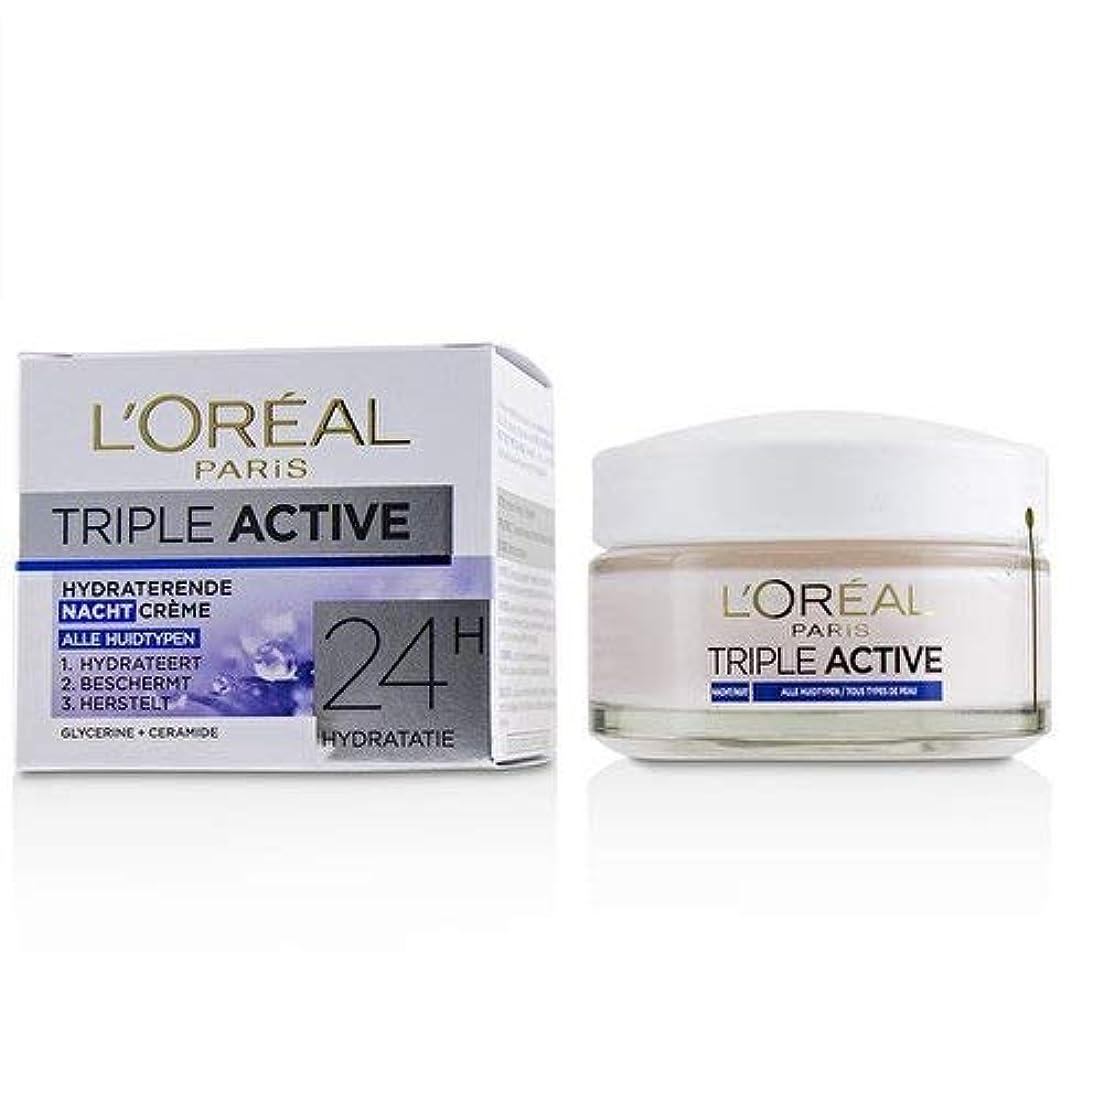 スパーク震えるウィザードロレアル Triple Active Hydrating Night Cream 24H Hydration - For All Skin Types 50ml/1.7oz並行輸入品